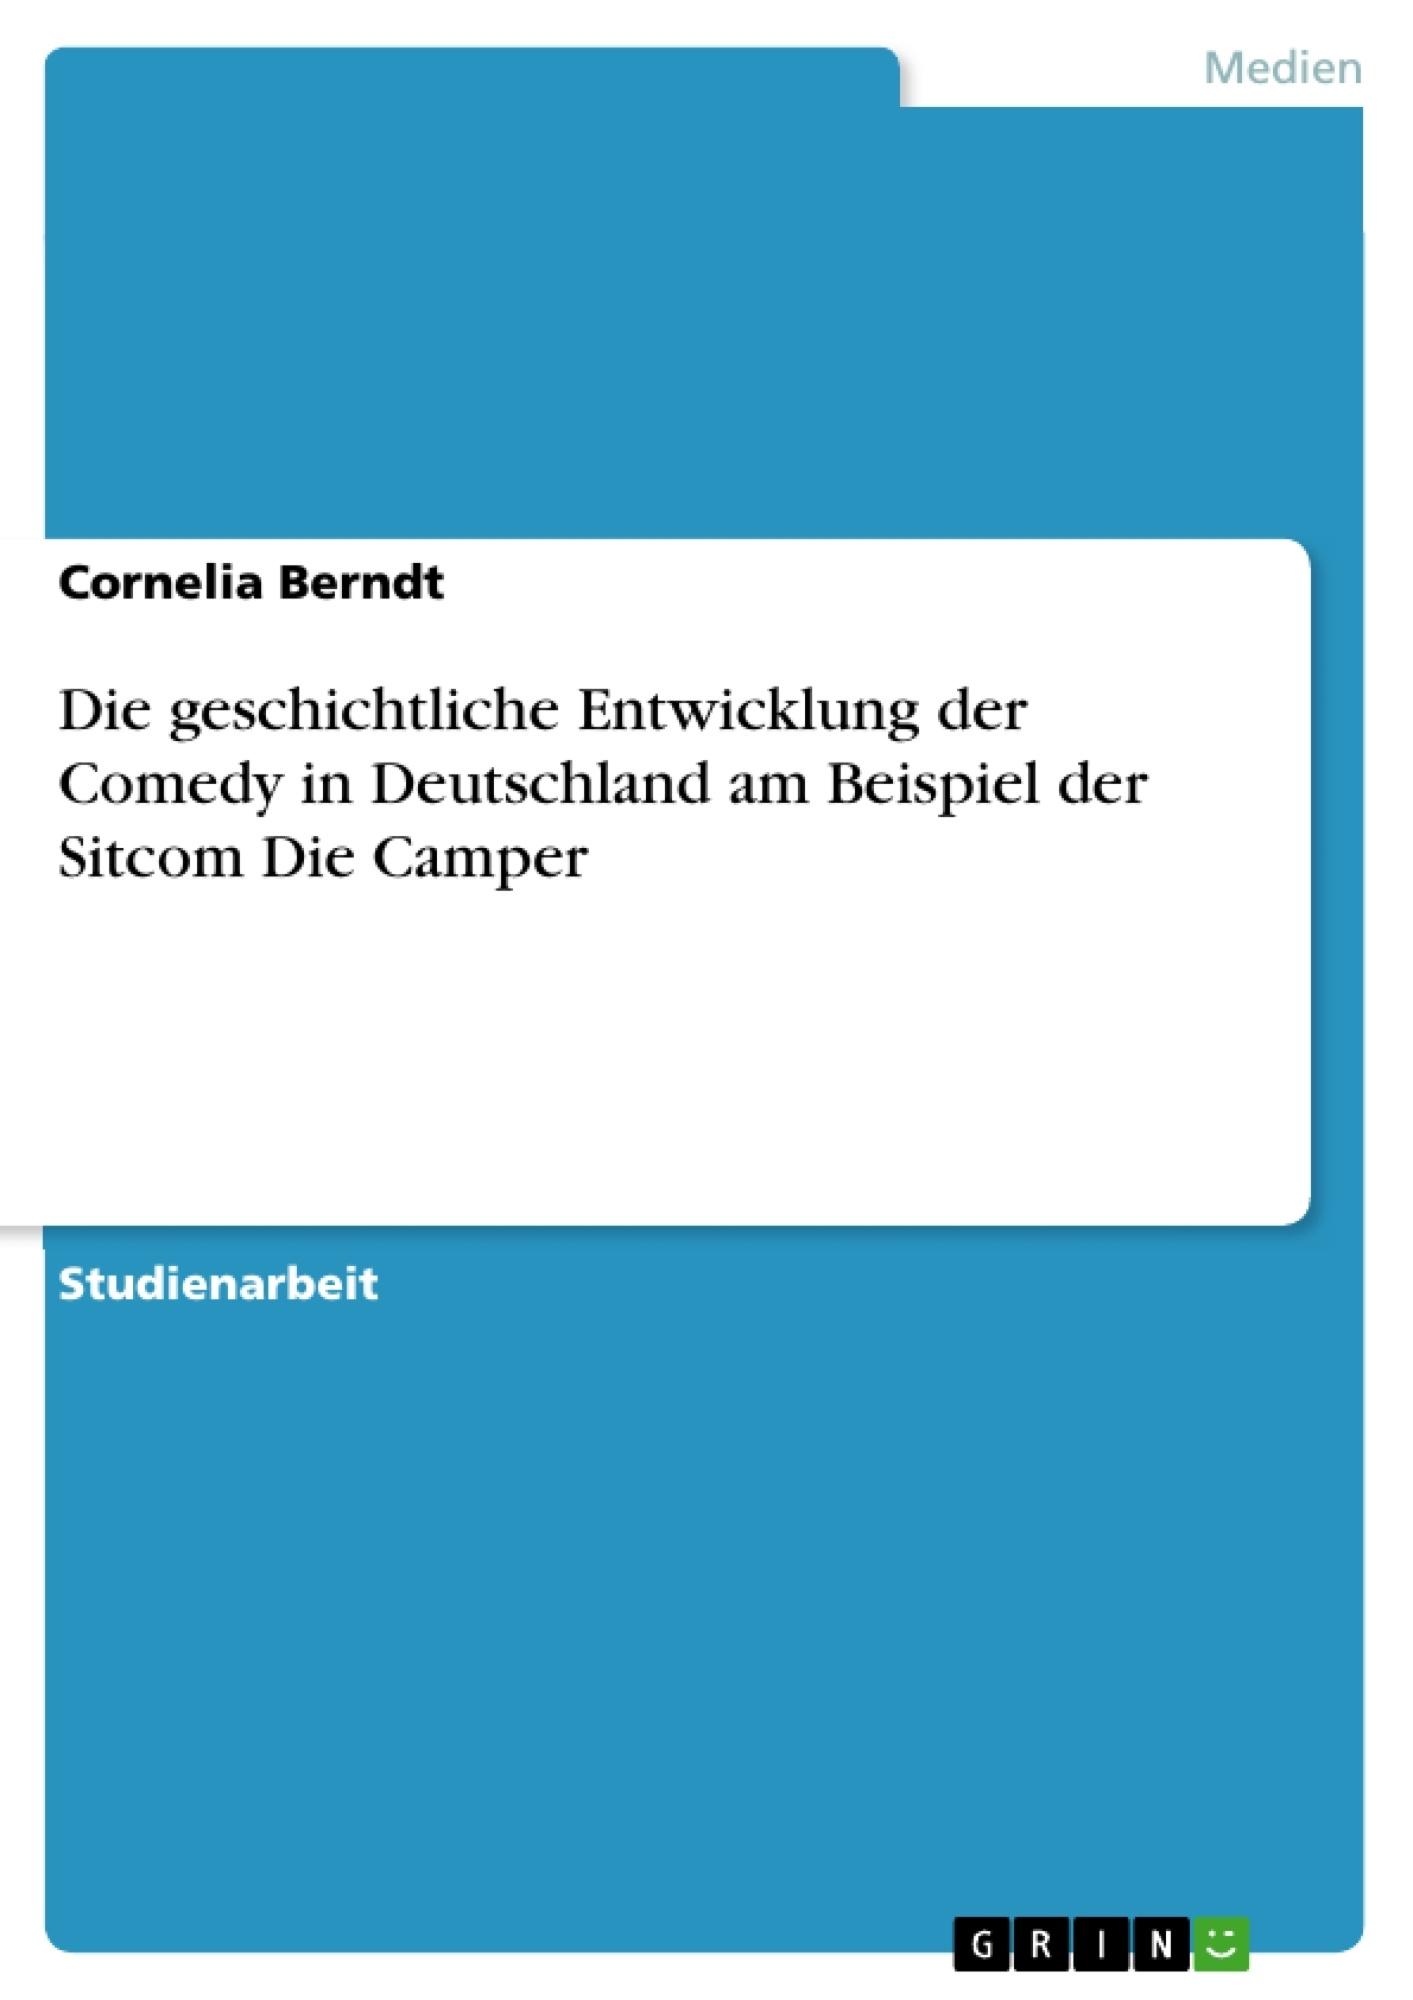 Titel: Die geschichtliche Entwicklung der Comedy in Deutschland am Beispiel der Sitcom  Die Camper